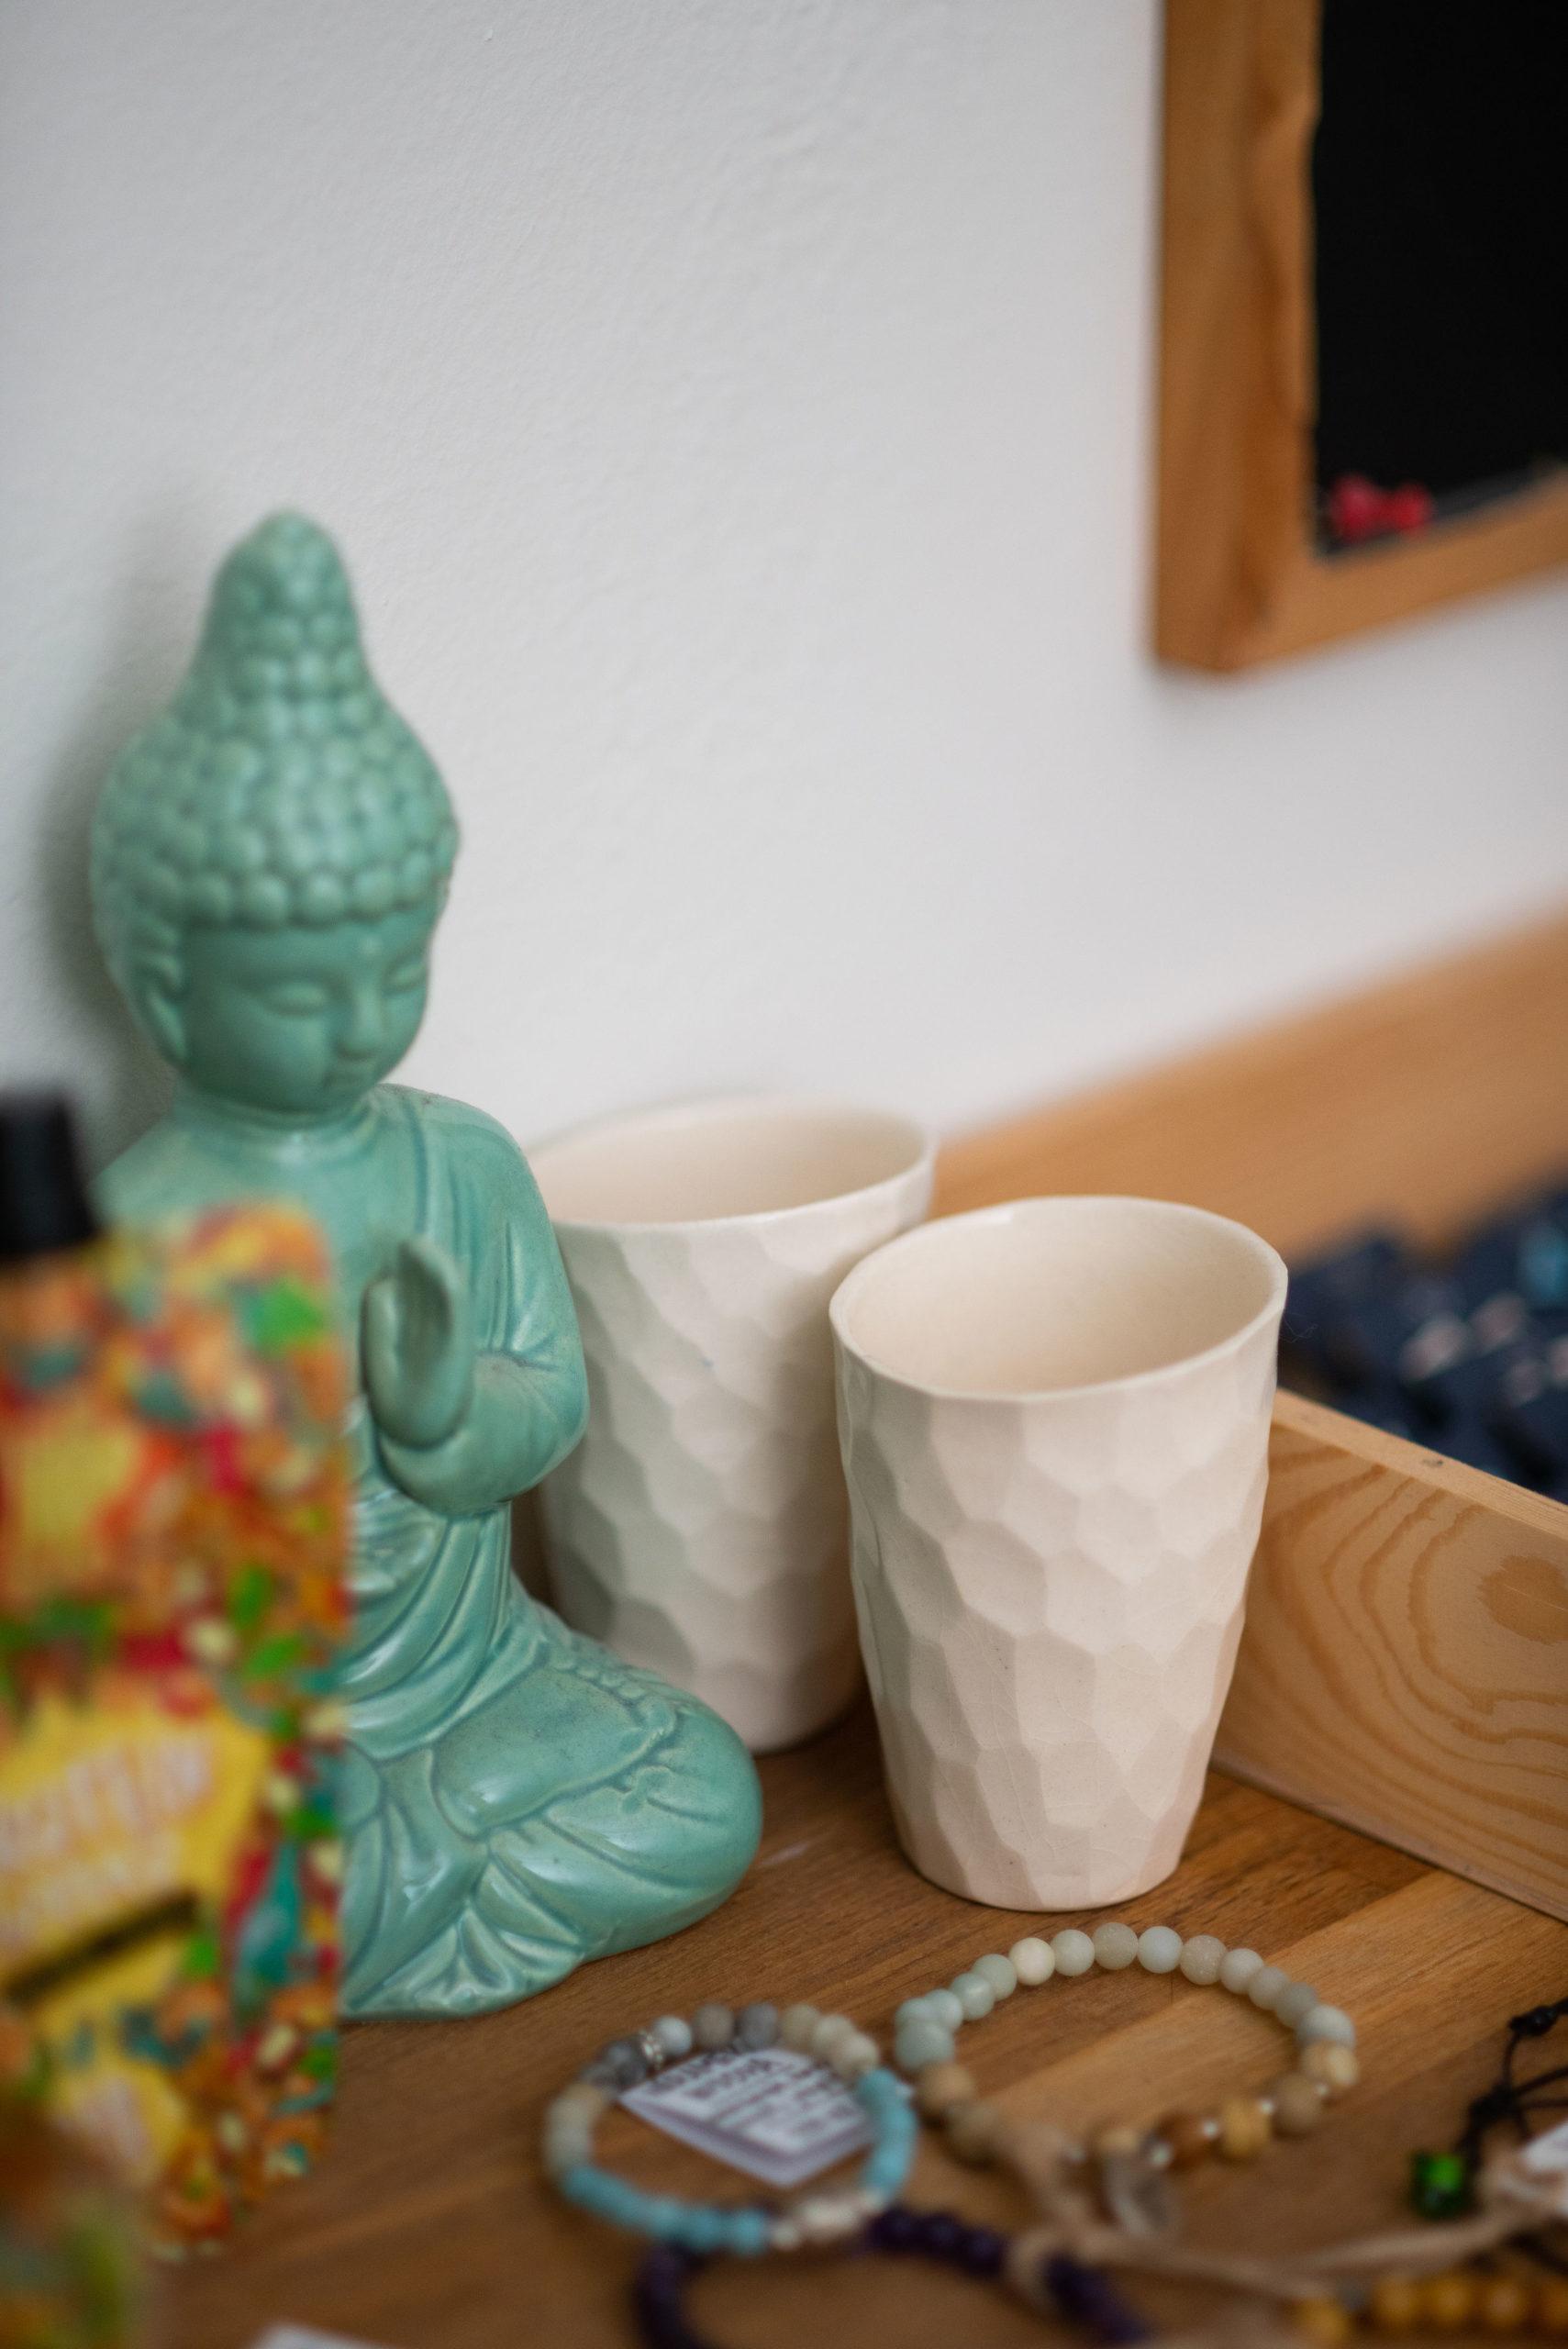 Náš jóga obchod vám nabízí i náramky z polodrahokamů a hrníčky od Evy Huspekové ze studia EH design